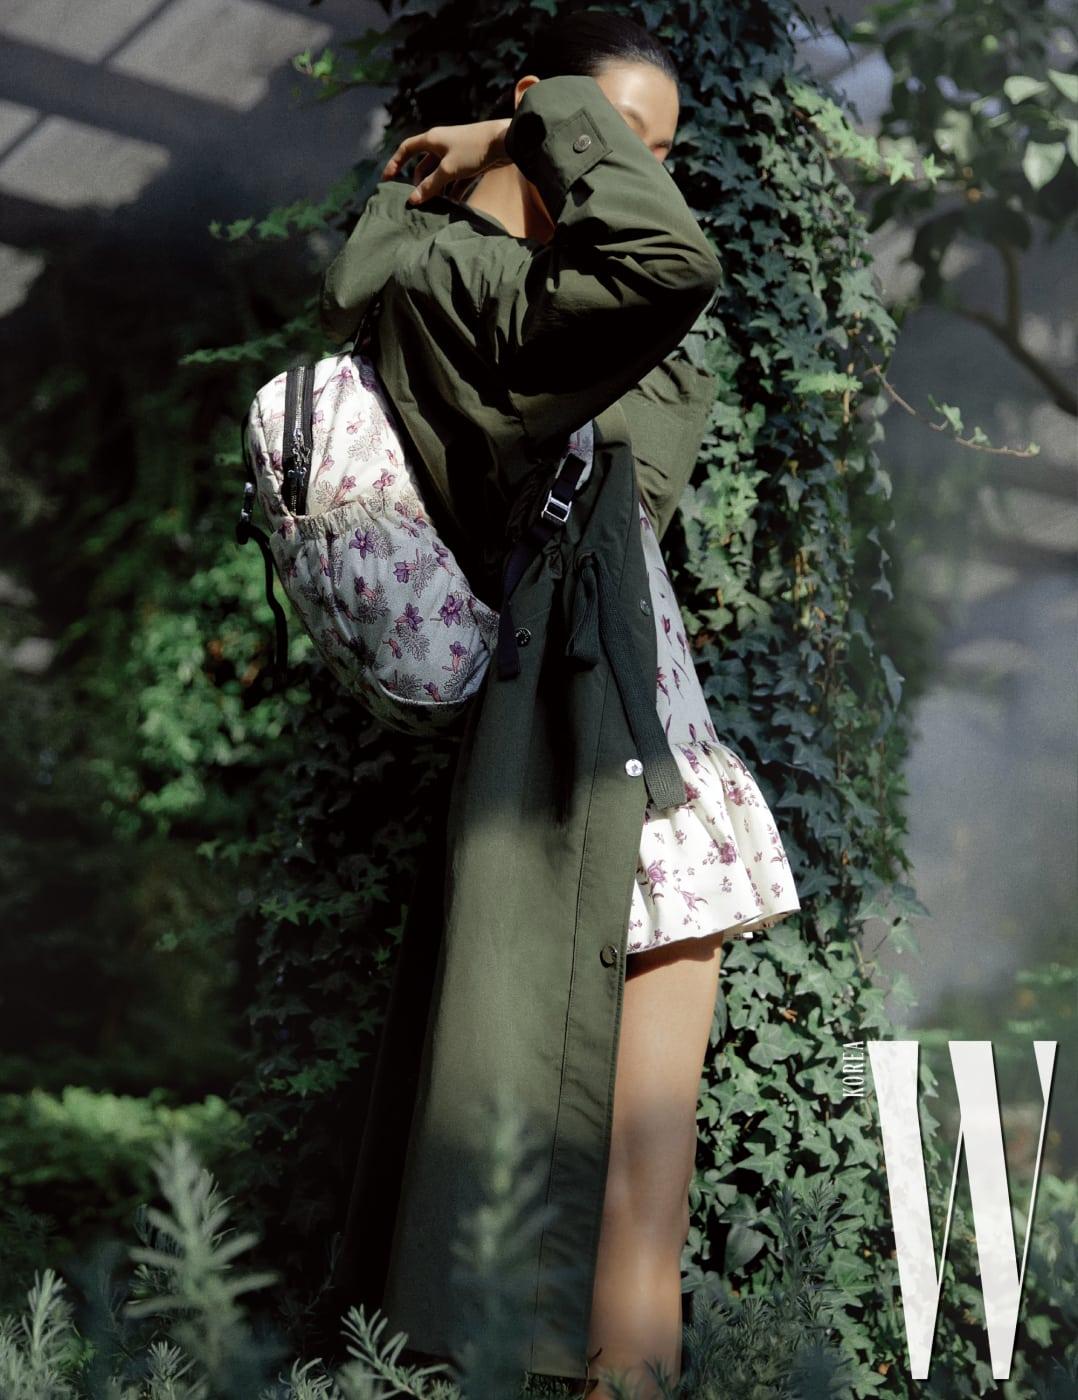 로맨틱한 색감의 꽃무늬 원피스와 백팩, 볼륨감 있는 카키 롱 점퍼는 모두 Moncler 제품.